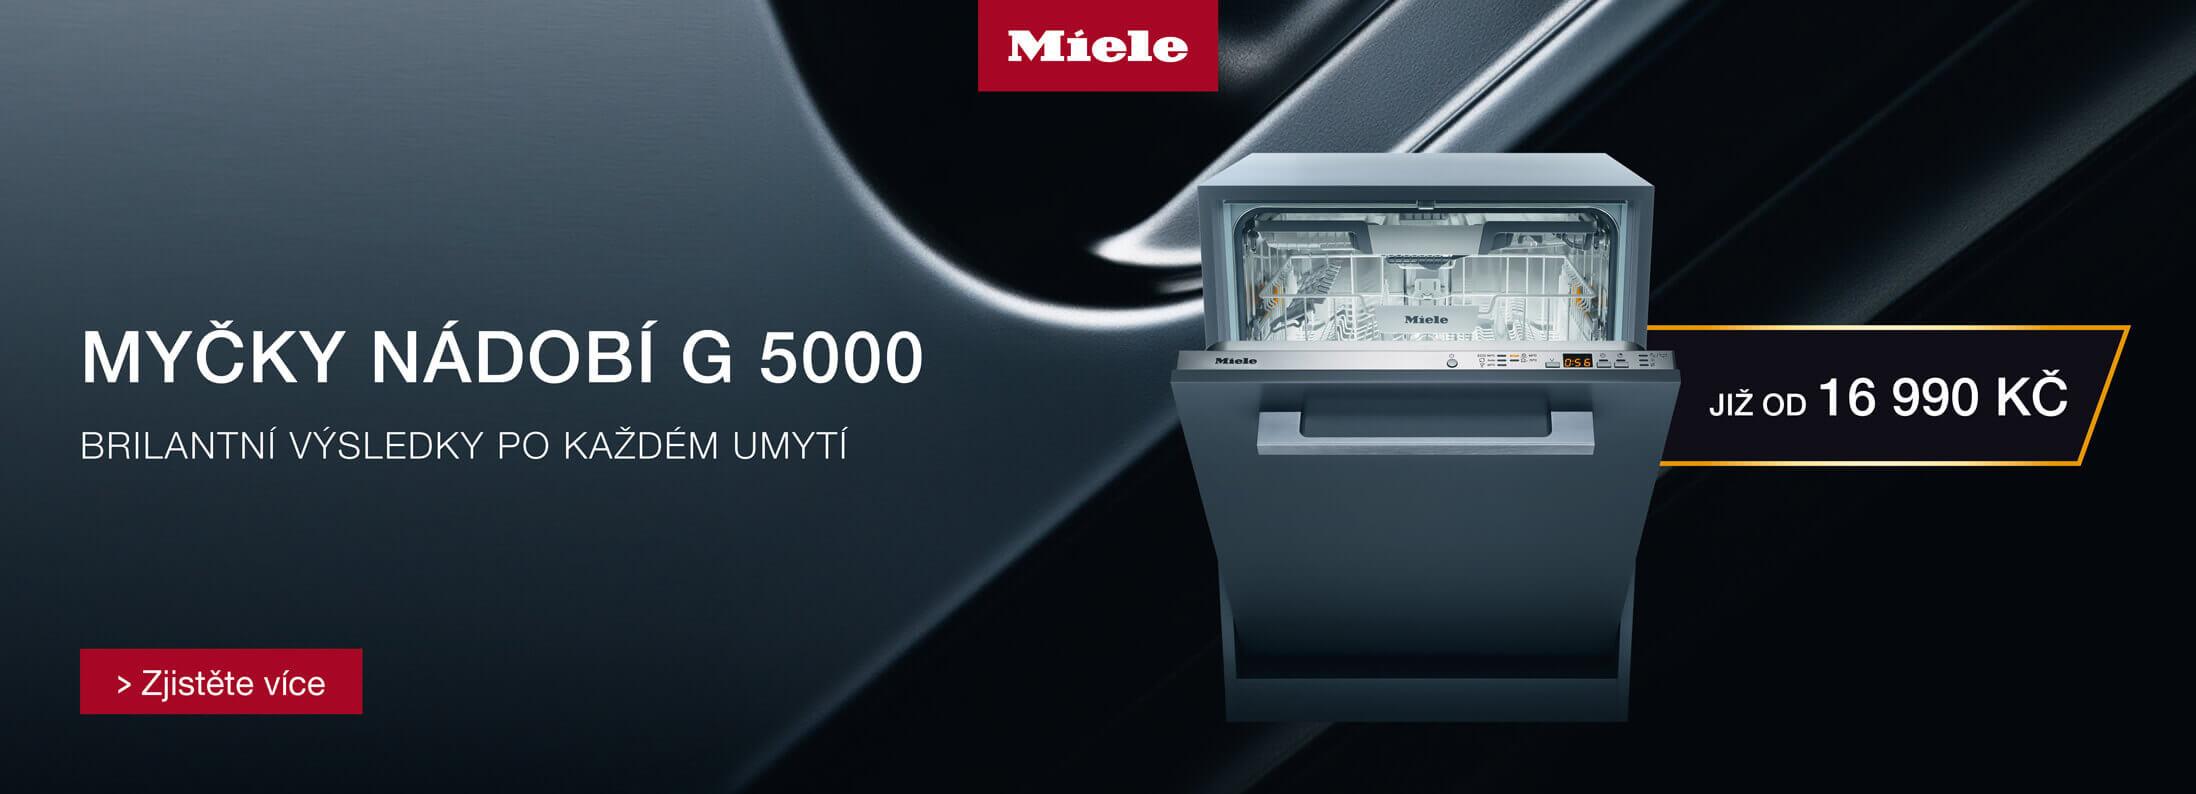 Miele - Myčky nádobí Miele G 5000